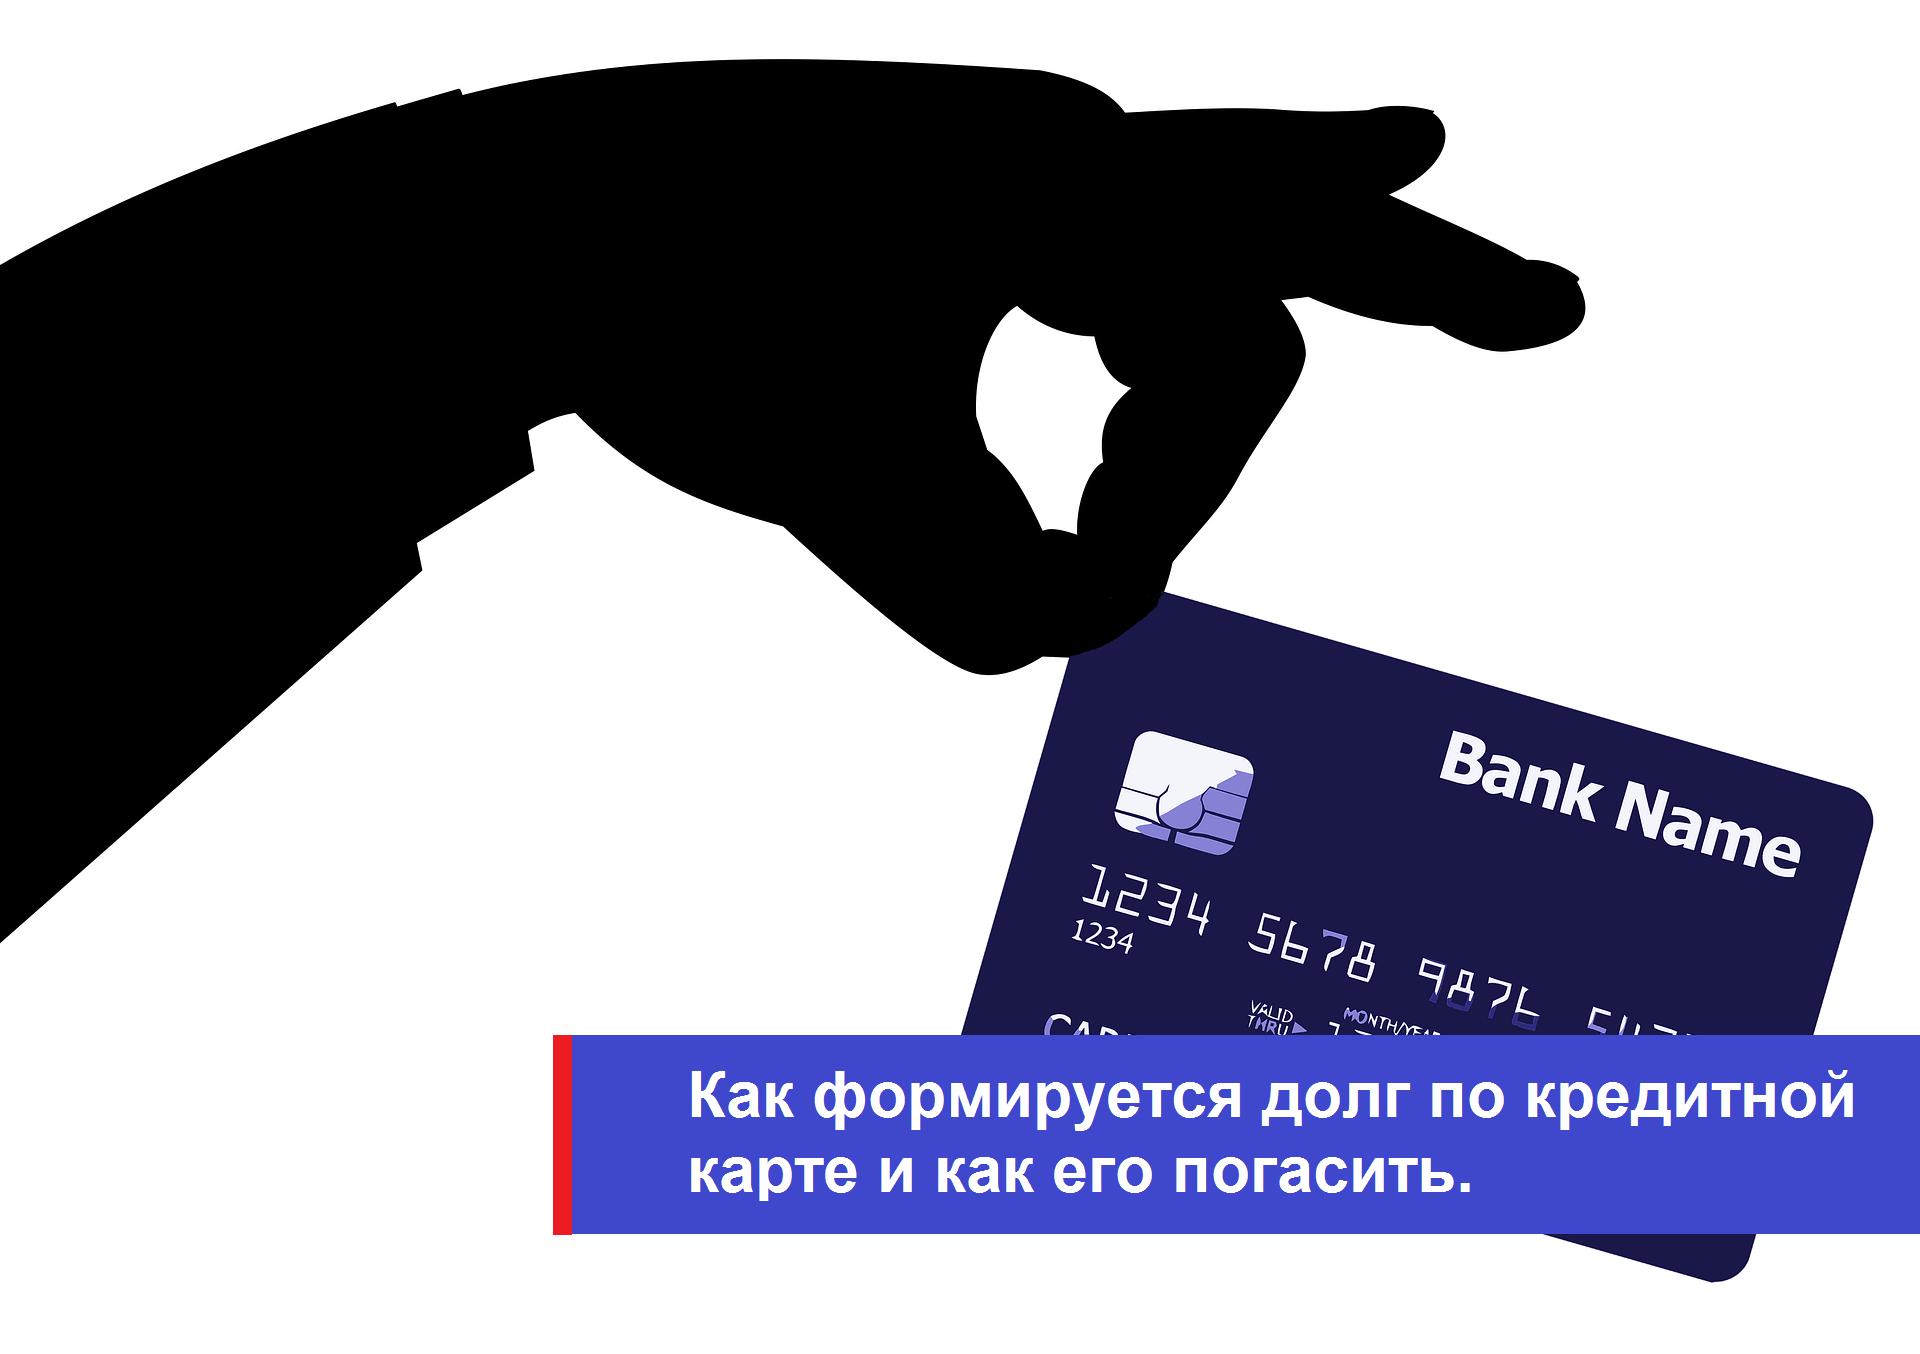 Как закрыть кредитные карты и погасить долги банки онлайн кредит с просрочкой